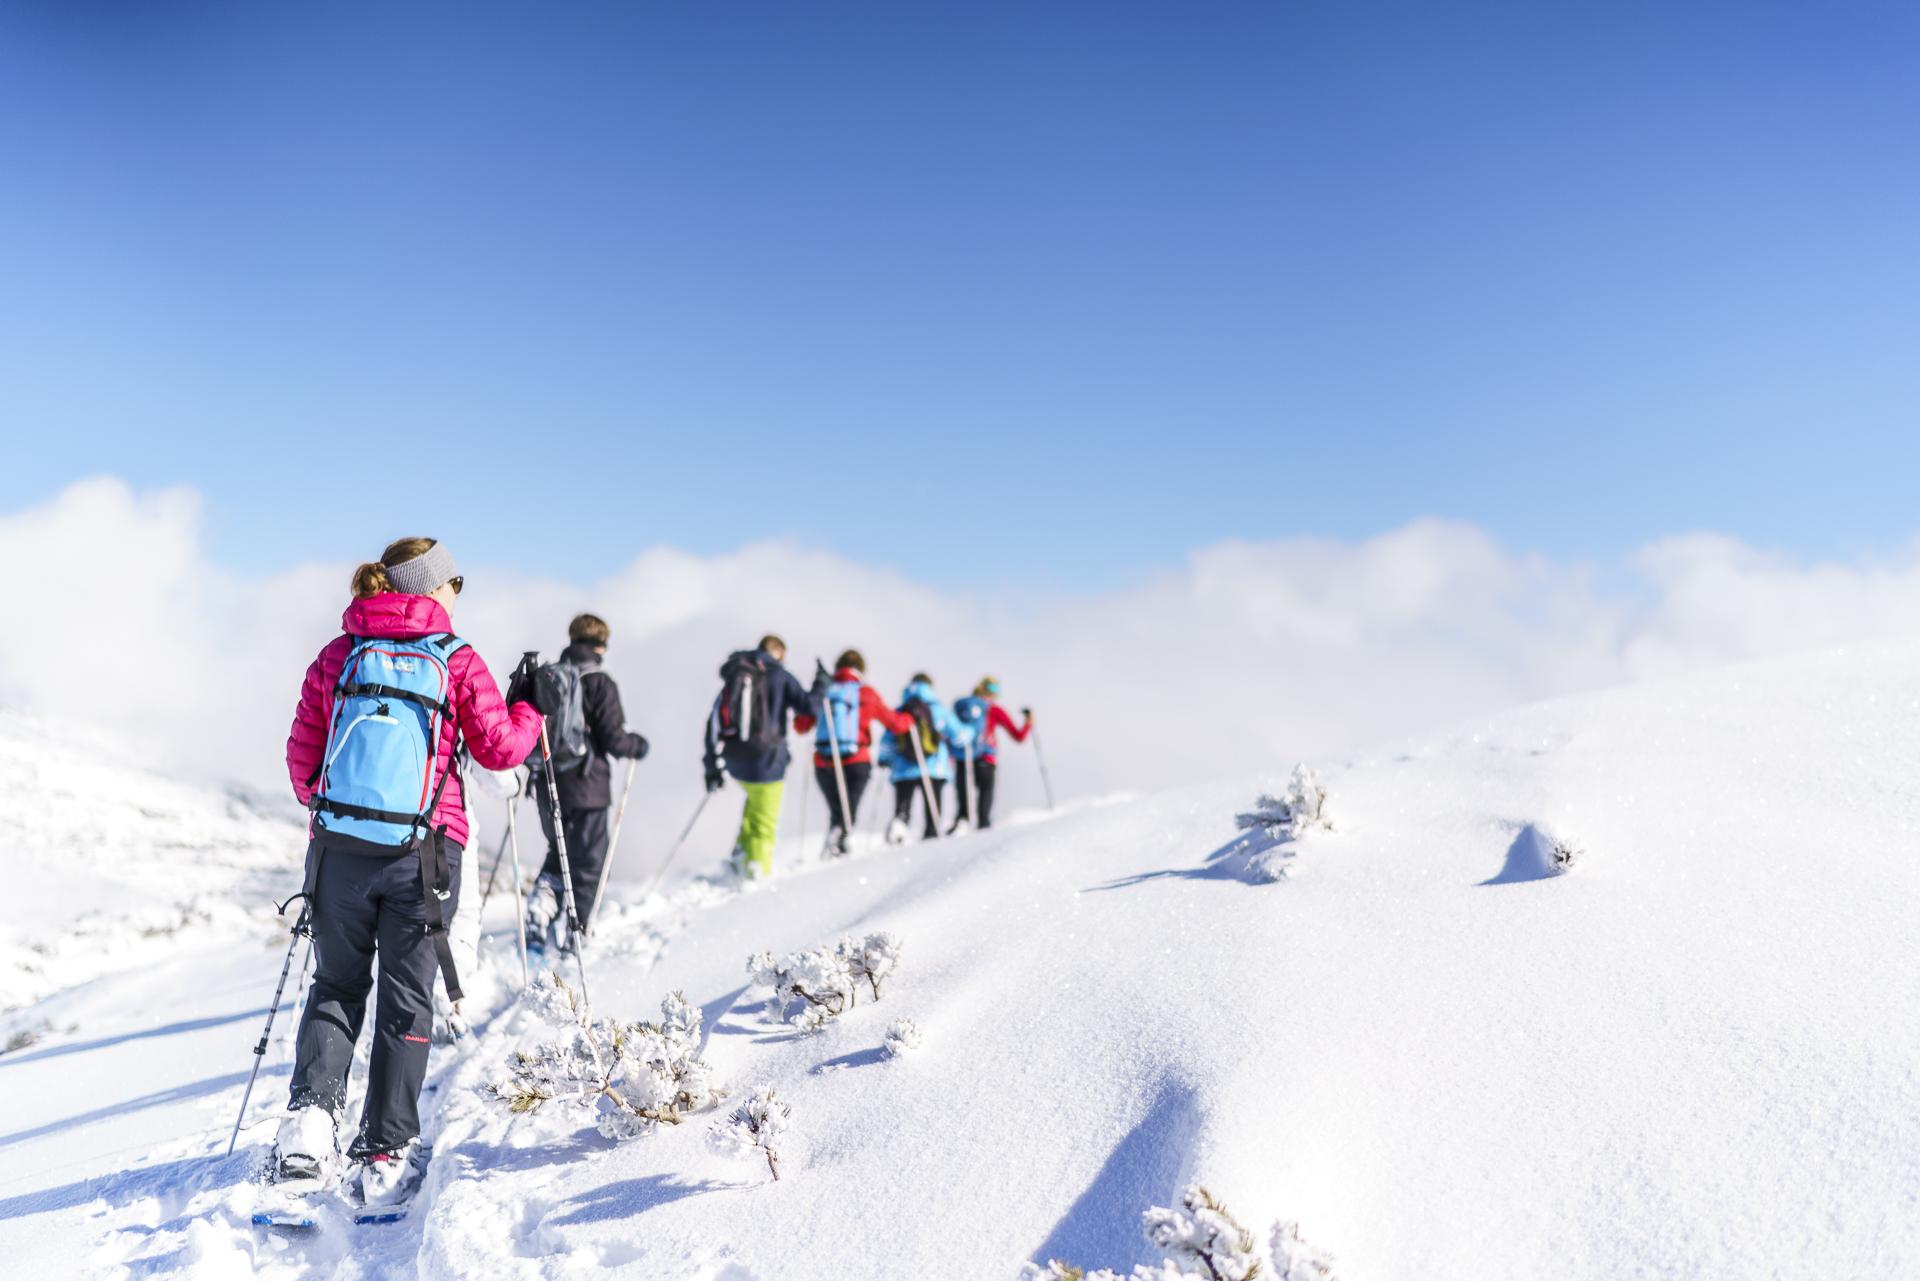 Schneeschuhtour Gottesacker Ifen